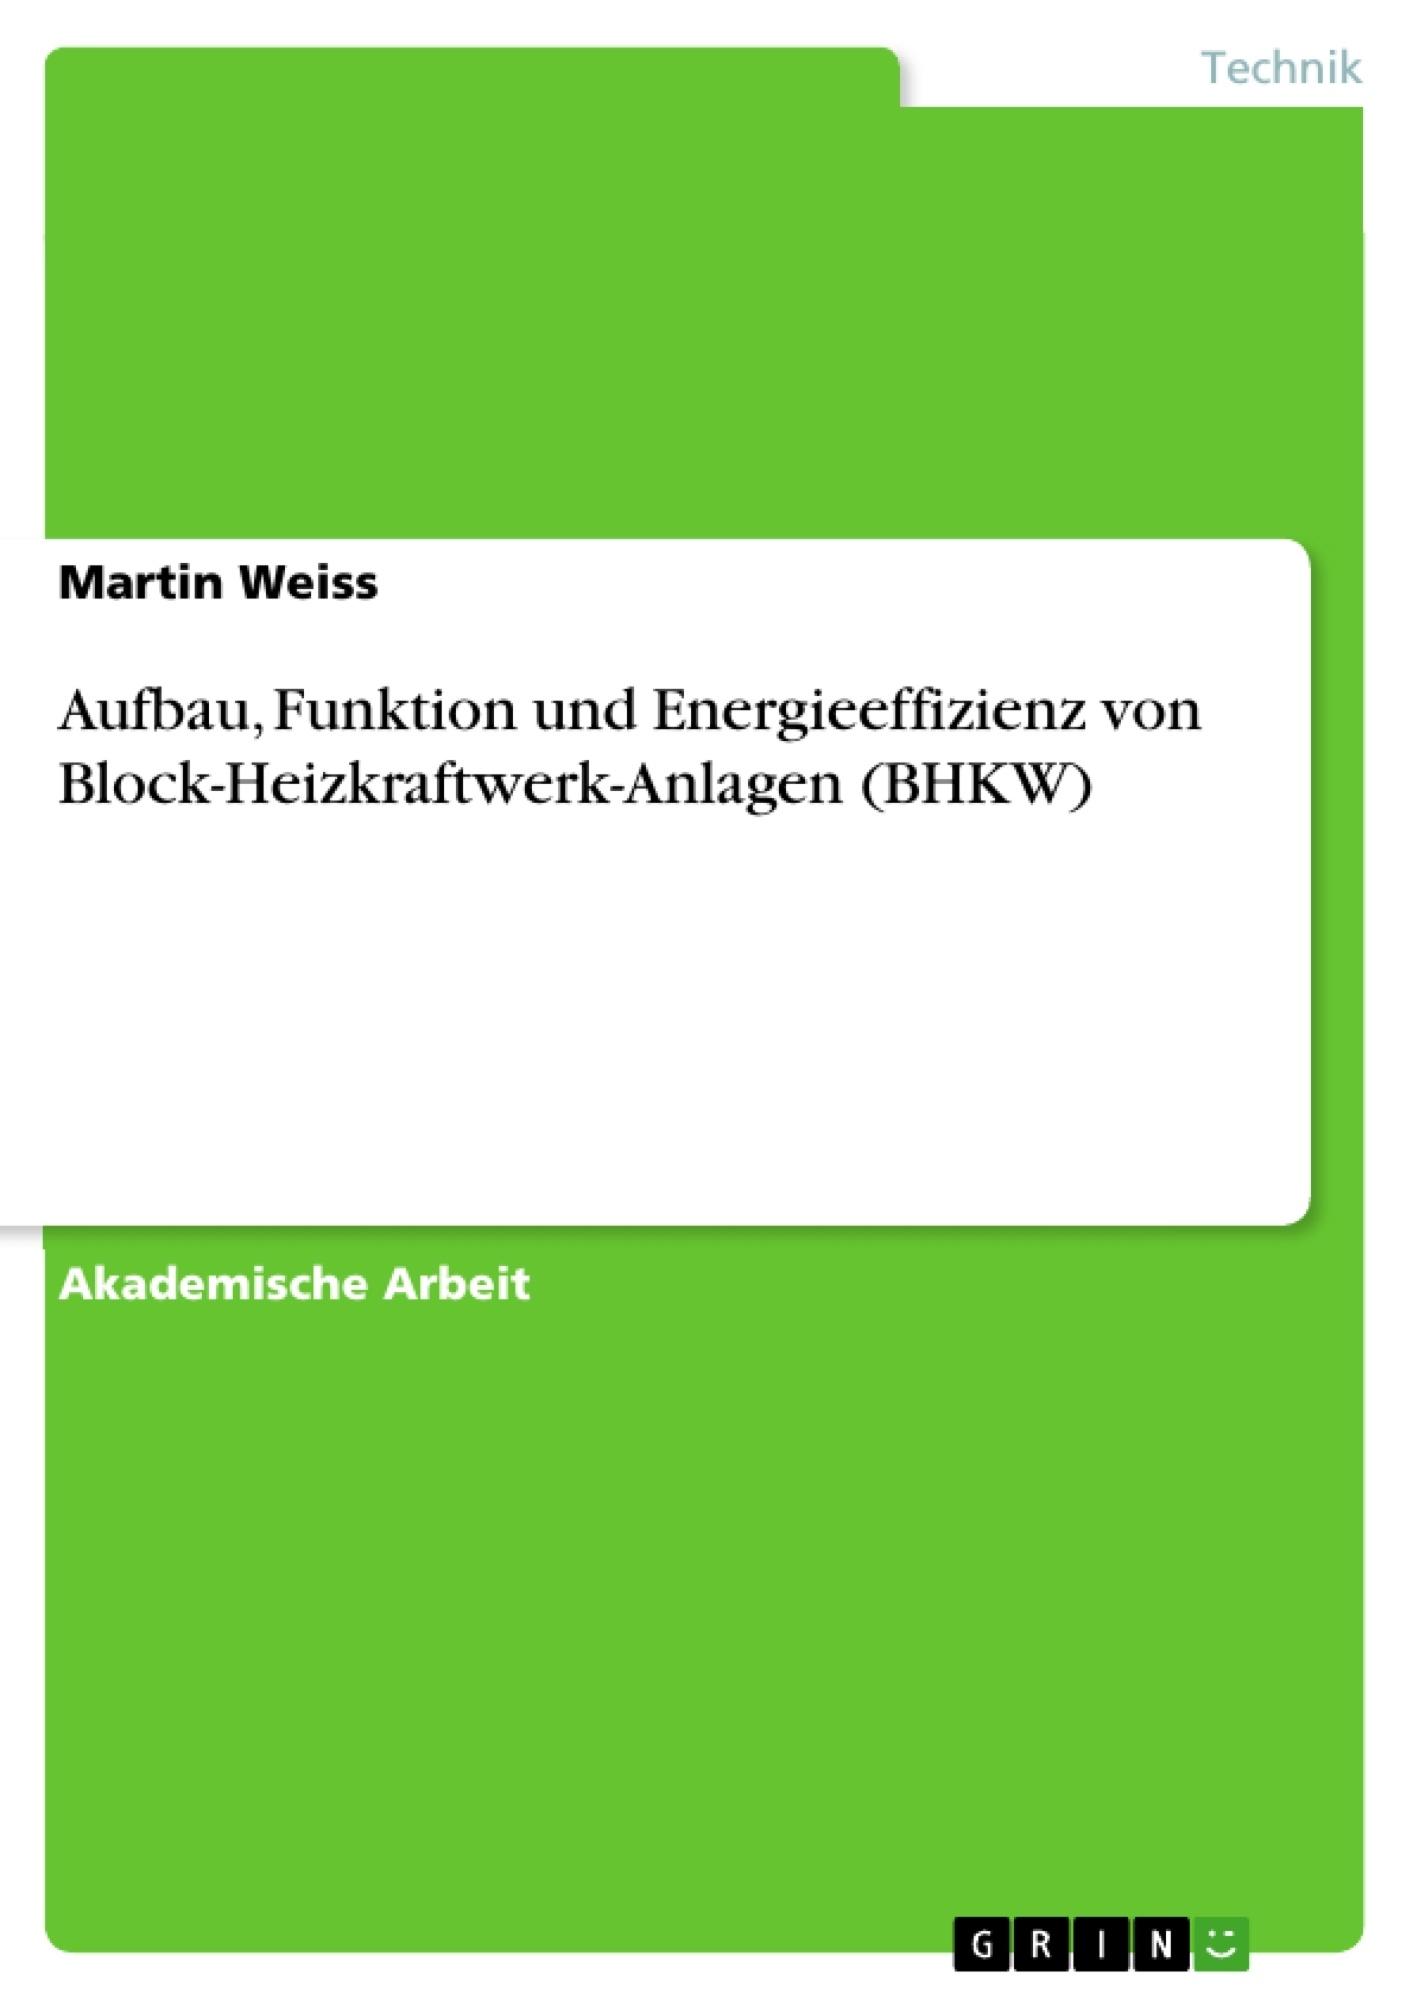 Titel: Aufbau, Funktion und Energieeffizienz von Block-Heizkraftwerk-Anlagen (BHKW)